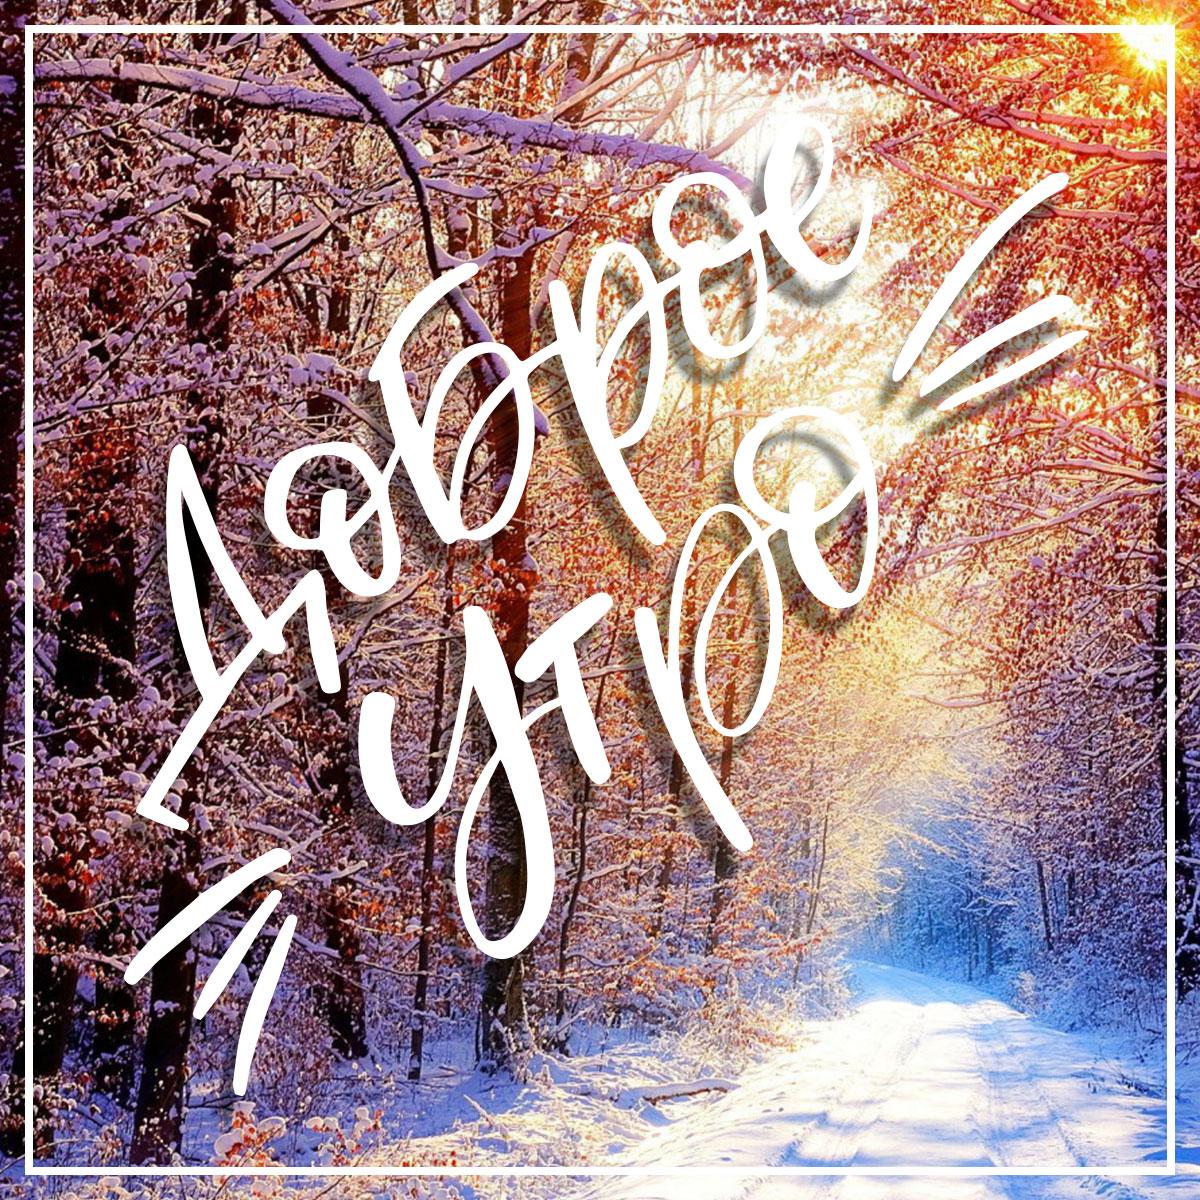 Зимняя дорога с лиственном лесу с надписью доброе утро!